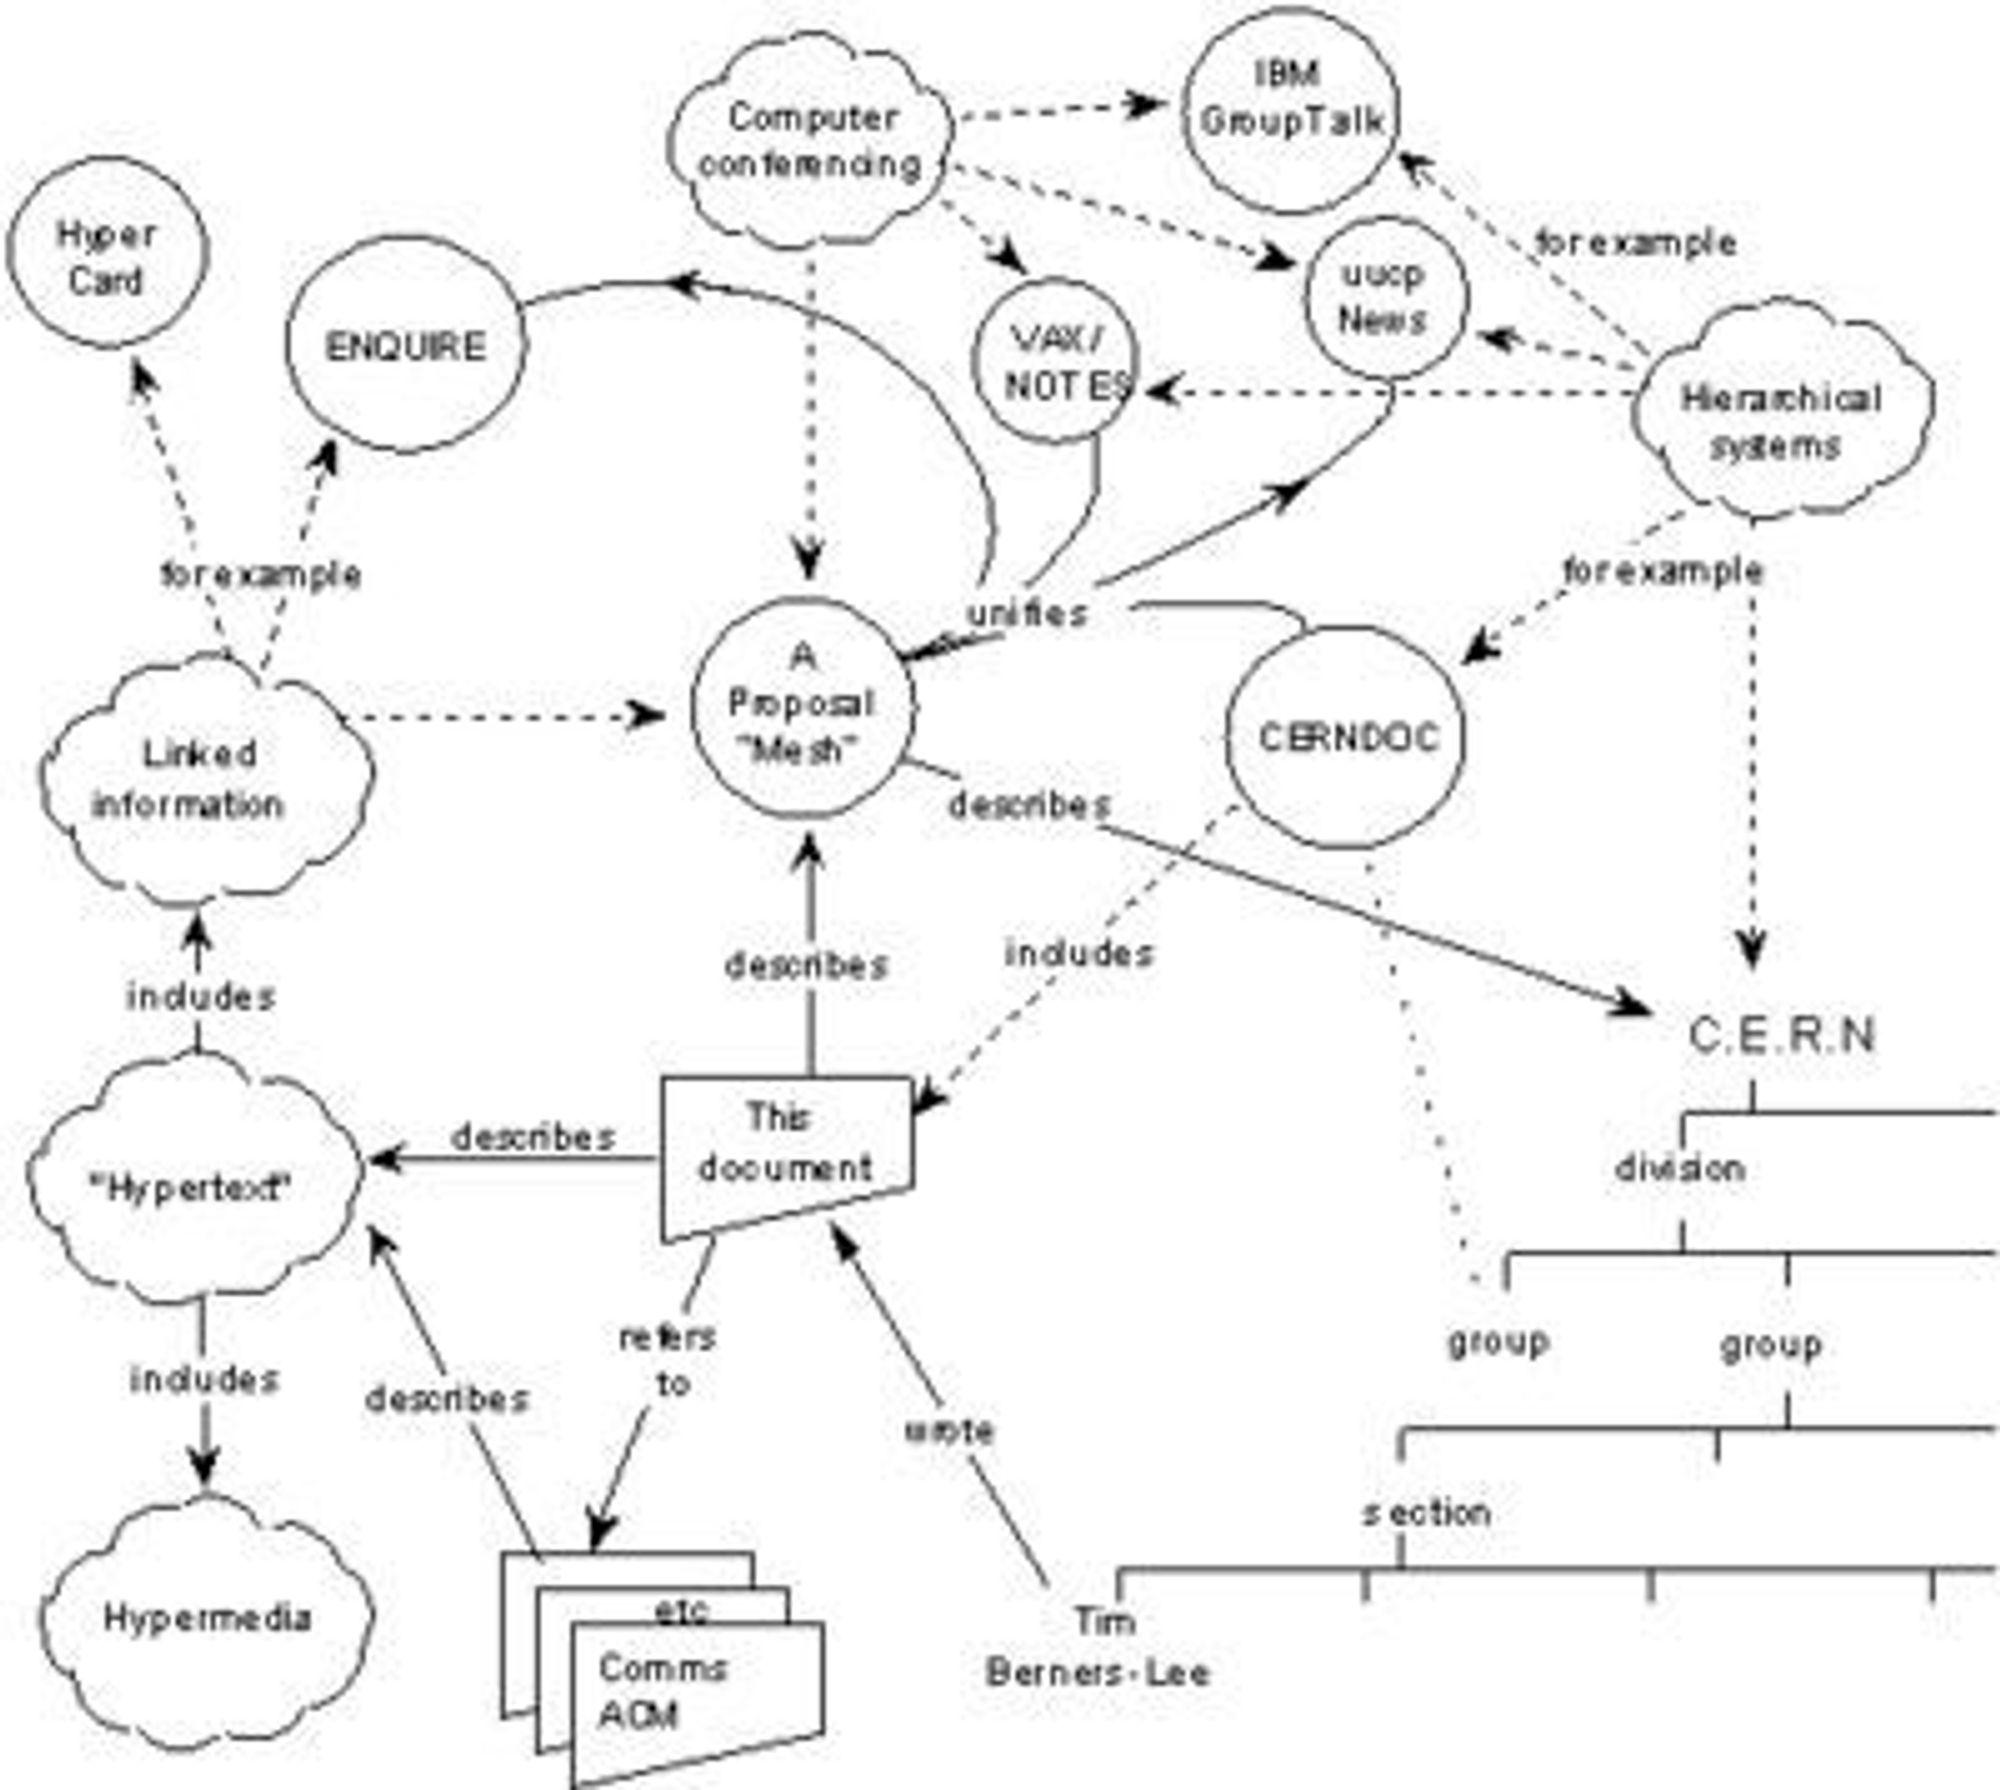 Et diagram som viser det hypertekst-baserte systemet Tim Berners-Lee foreslo i 1989.